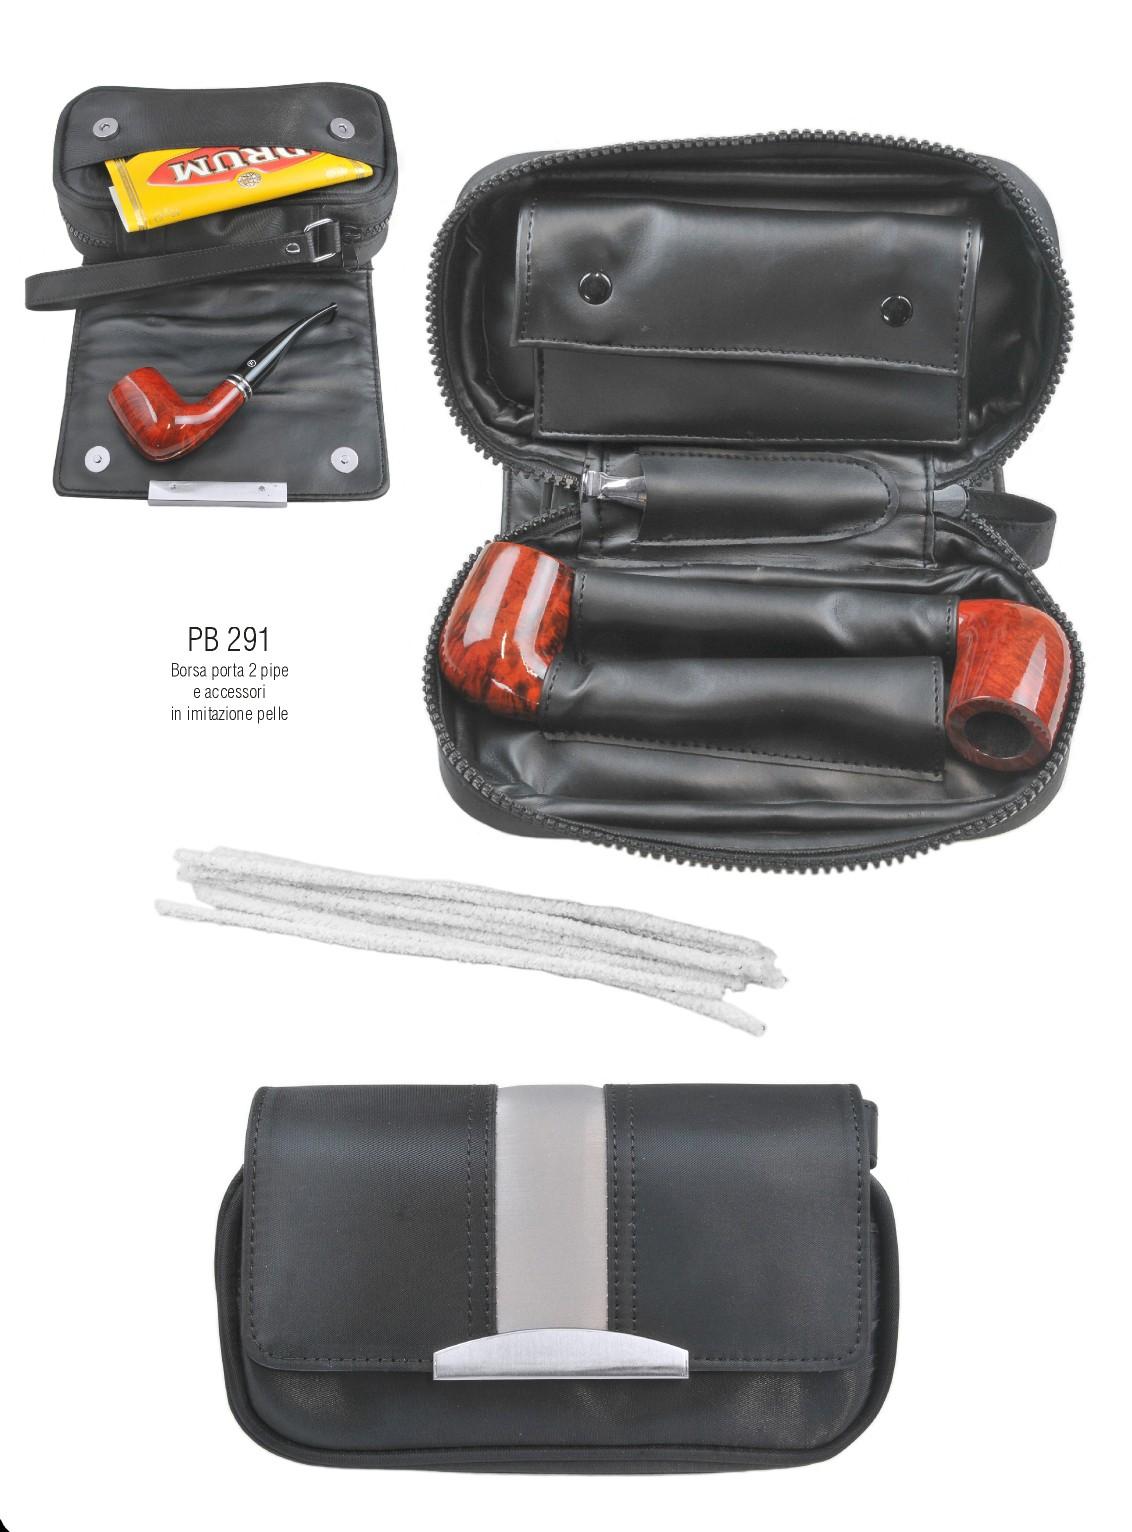 Borsa borsello porta pipa porta tabacco pipe bag per 2 - Porta tabacco pipa ...